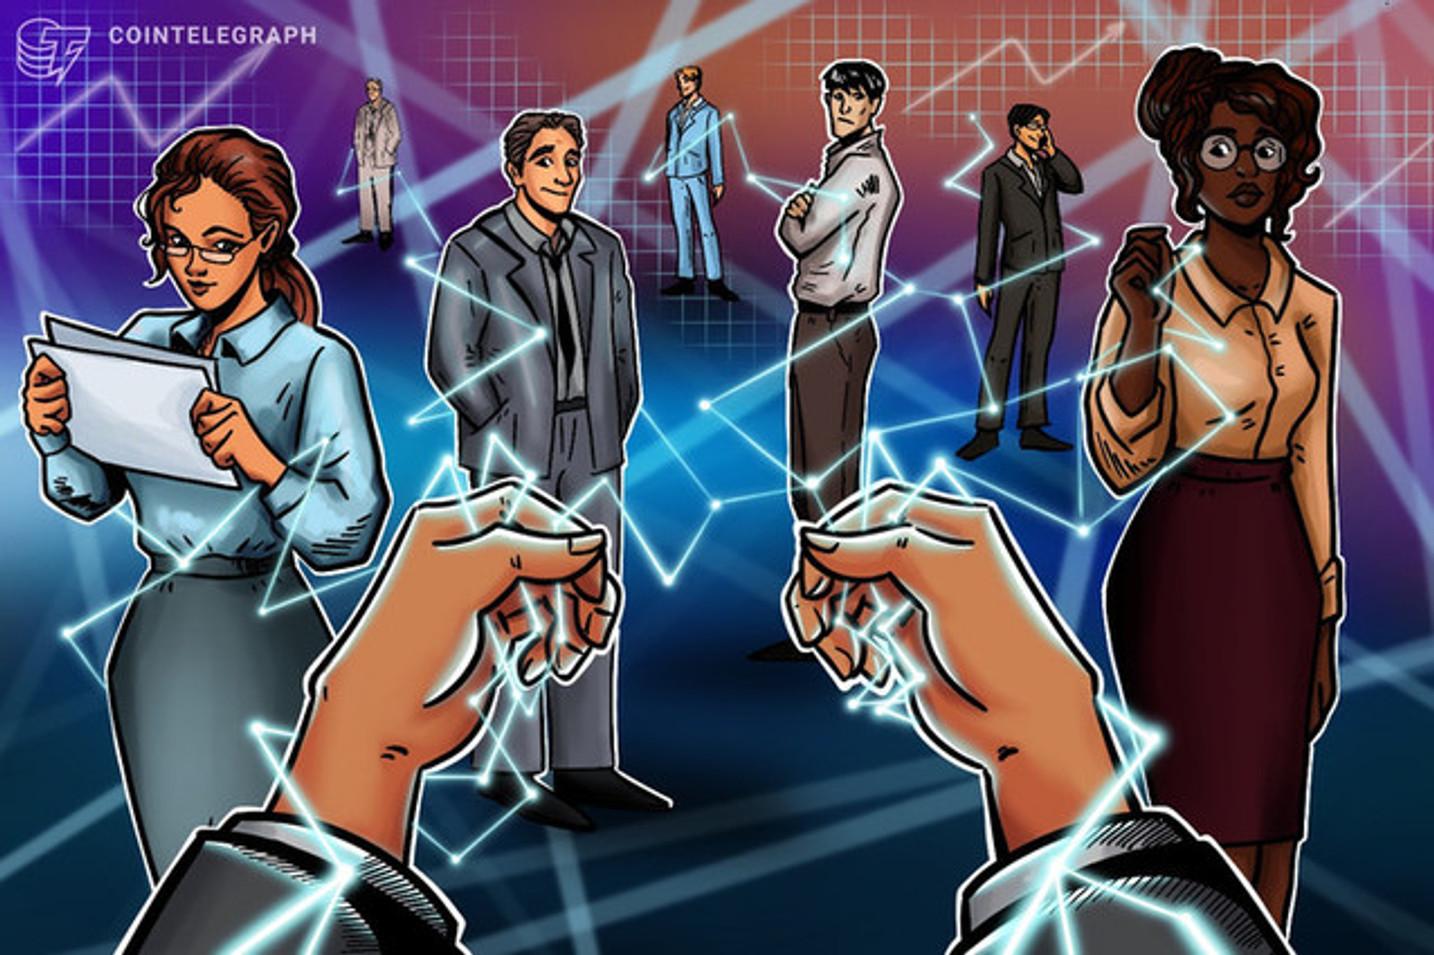 Atos impulsa el proyecto FLEXIGRID por valor de 8 millones de euros para apalancar plataforma FUSE con tecnología Blockchain